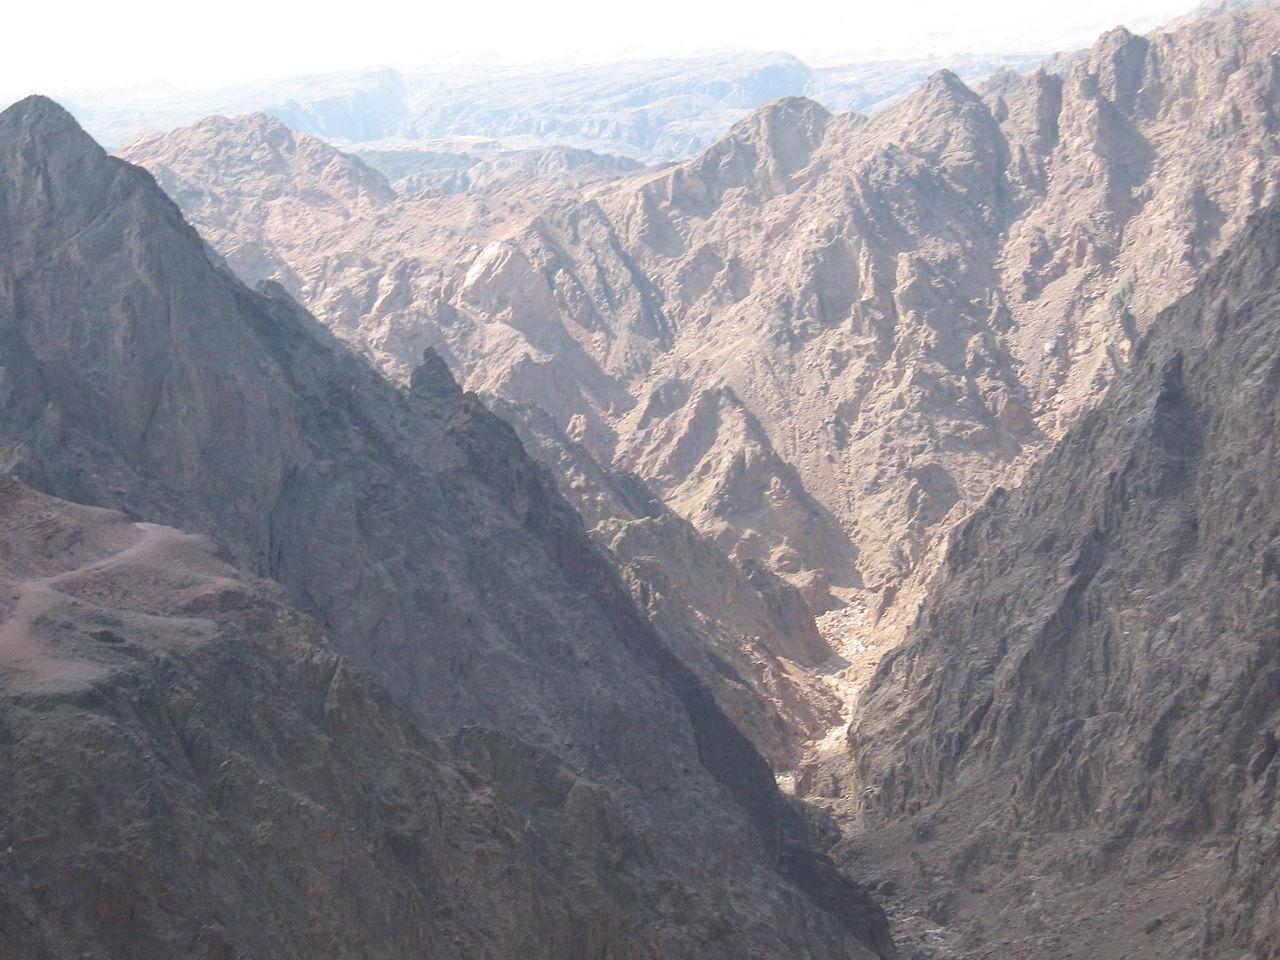 חולץ מטייל בן 51 בנחל גשרון בהרי אילת סמוך לגבול מצרים